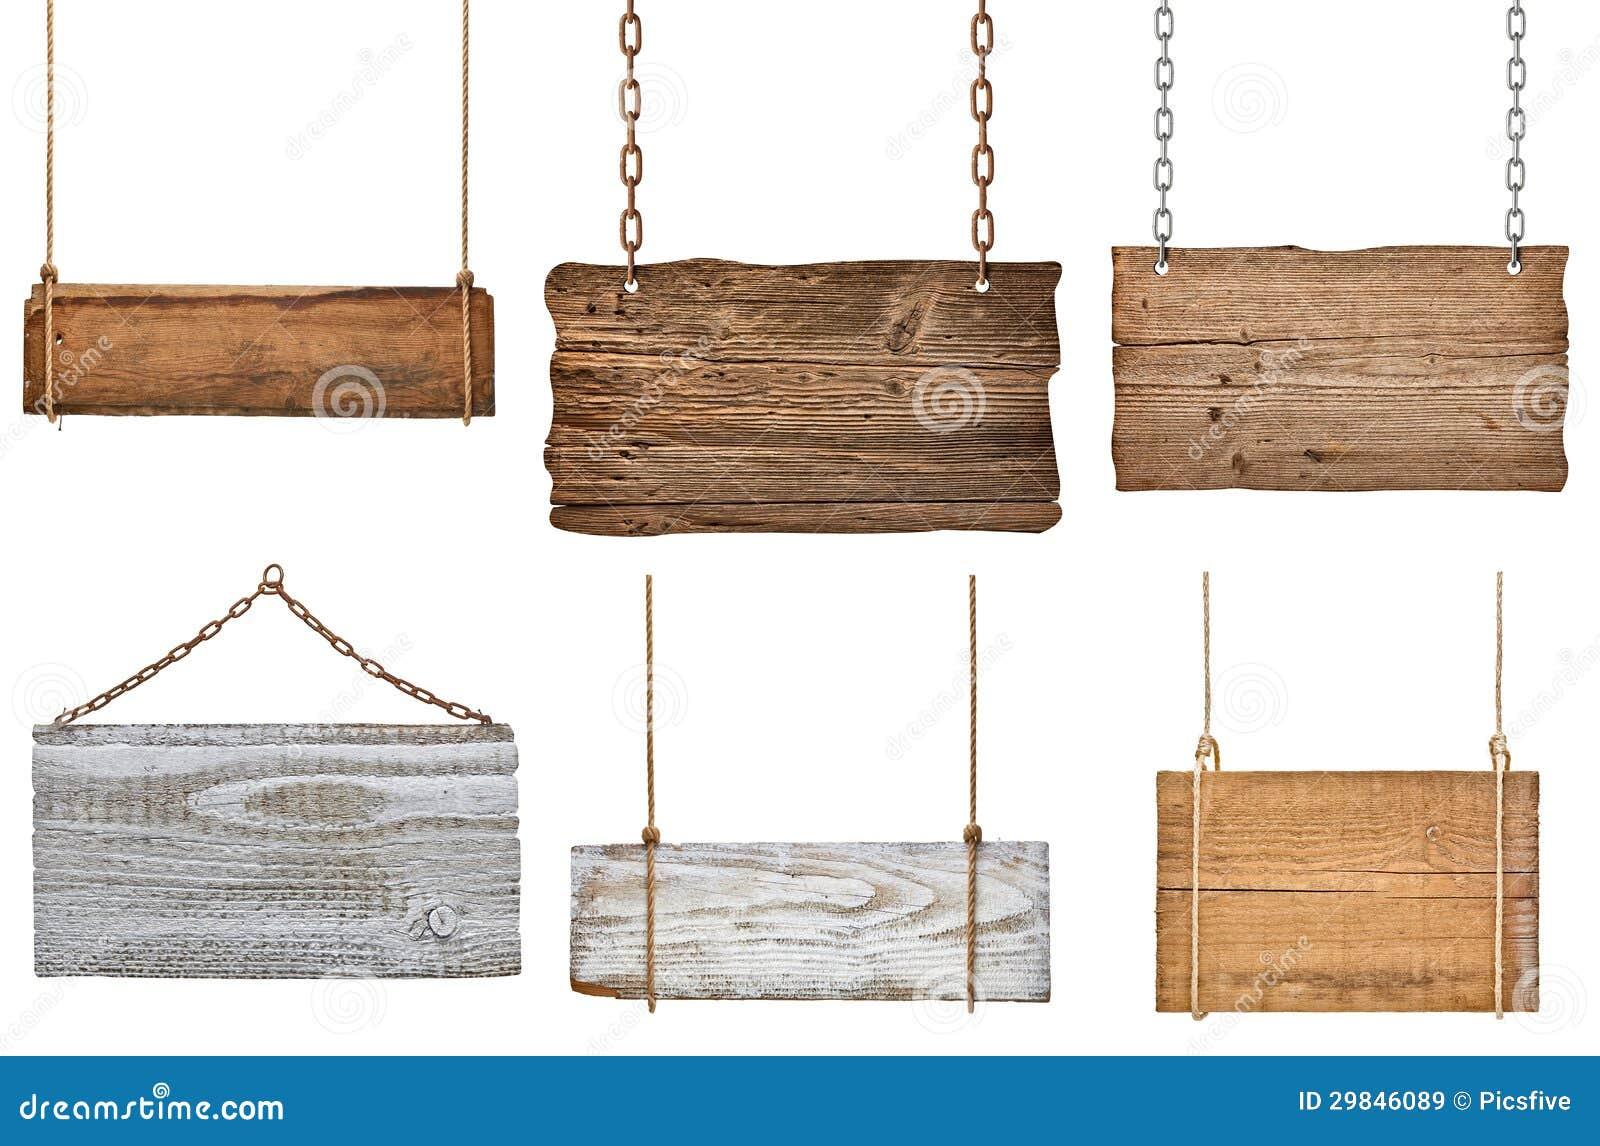 wooden sign stock image image of frame billboard. Black Bedroom Furniture Sets. Home Design Ideas